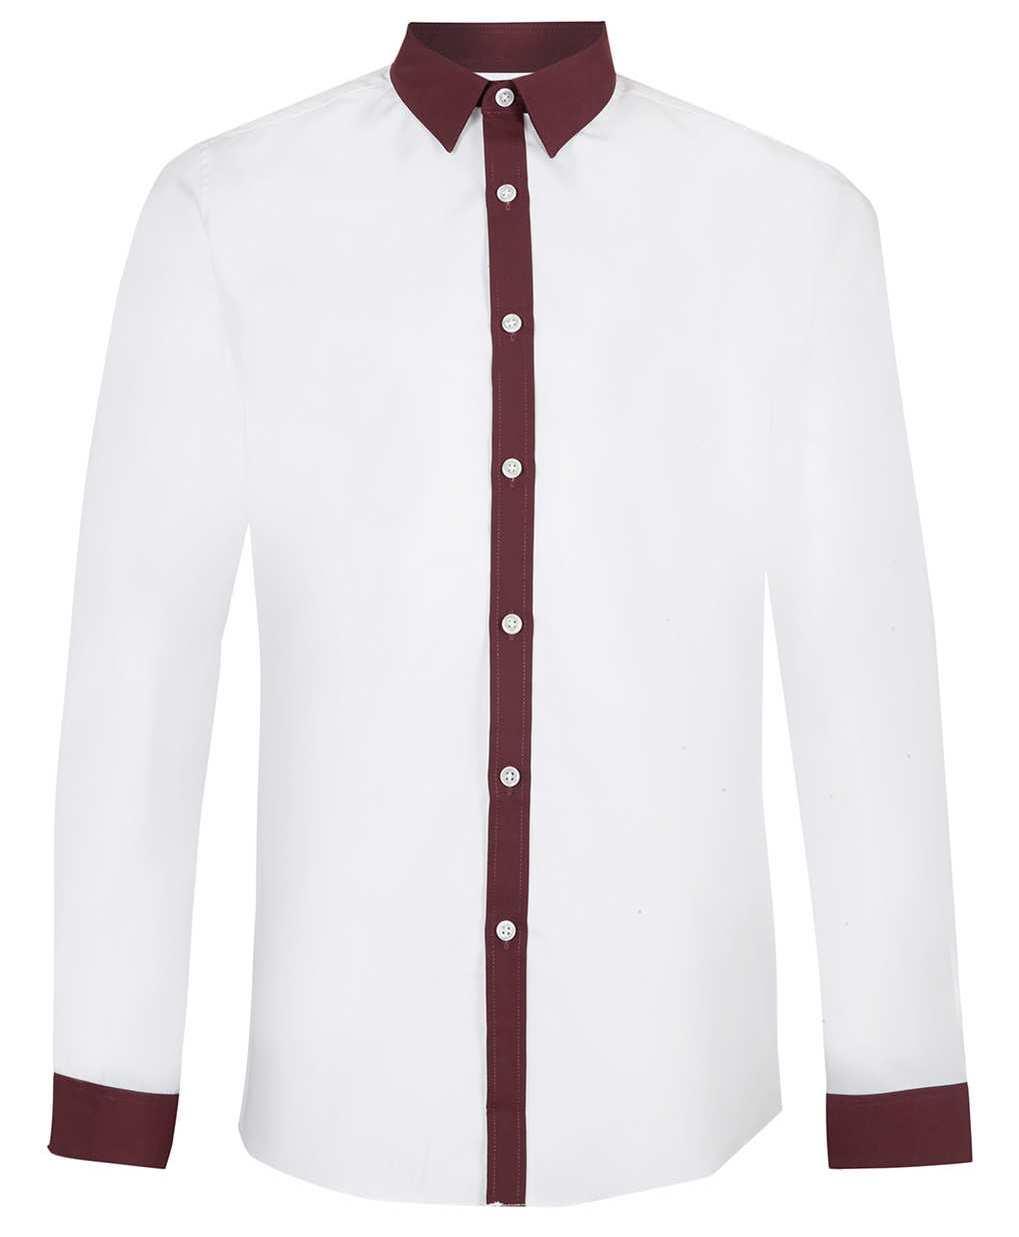 рубашка Topman, 270 грн